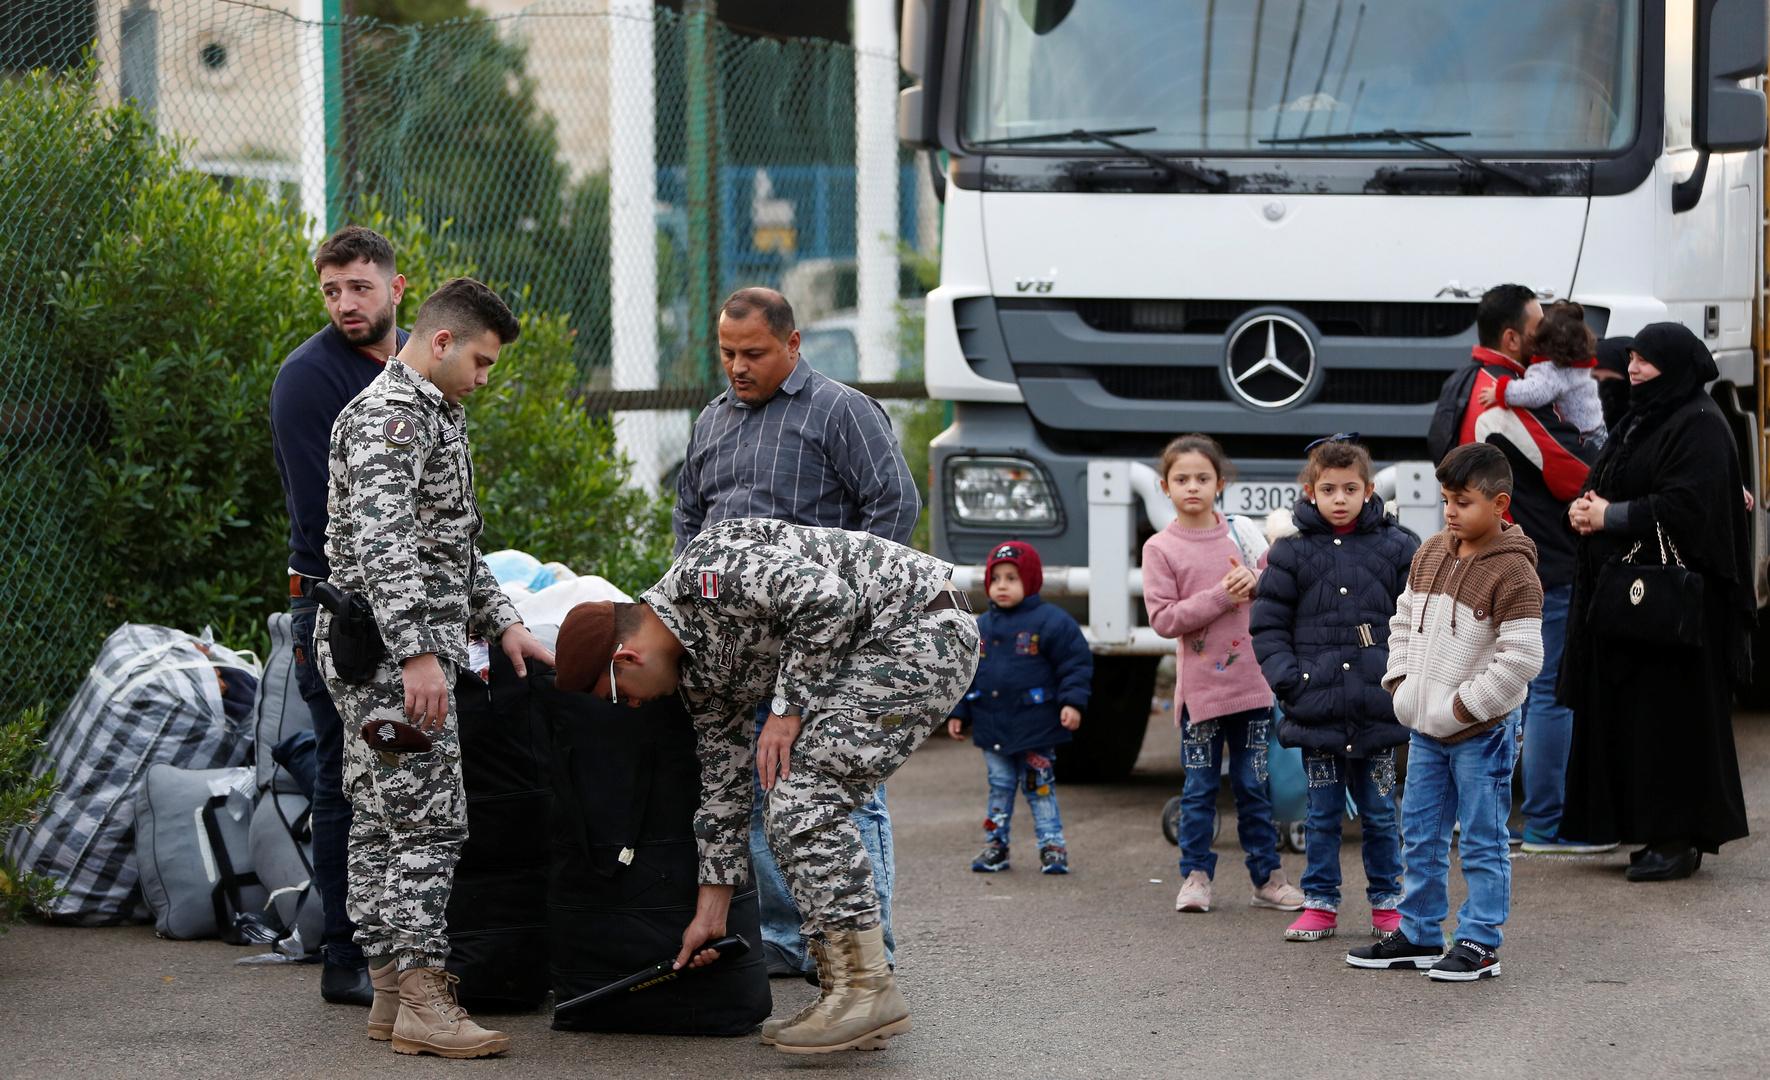 واشنطن: دعم روسيا وحكومة الأسد للاجئين السوريين سطحي والمؤتمر الأخير مسرحية